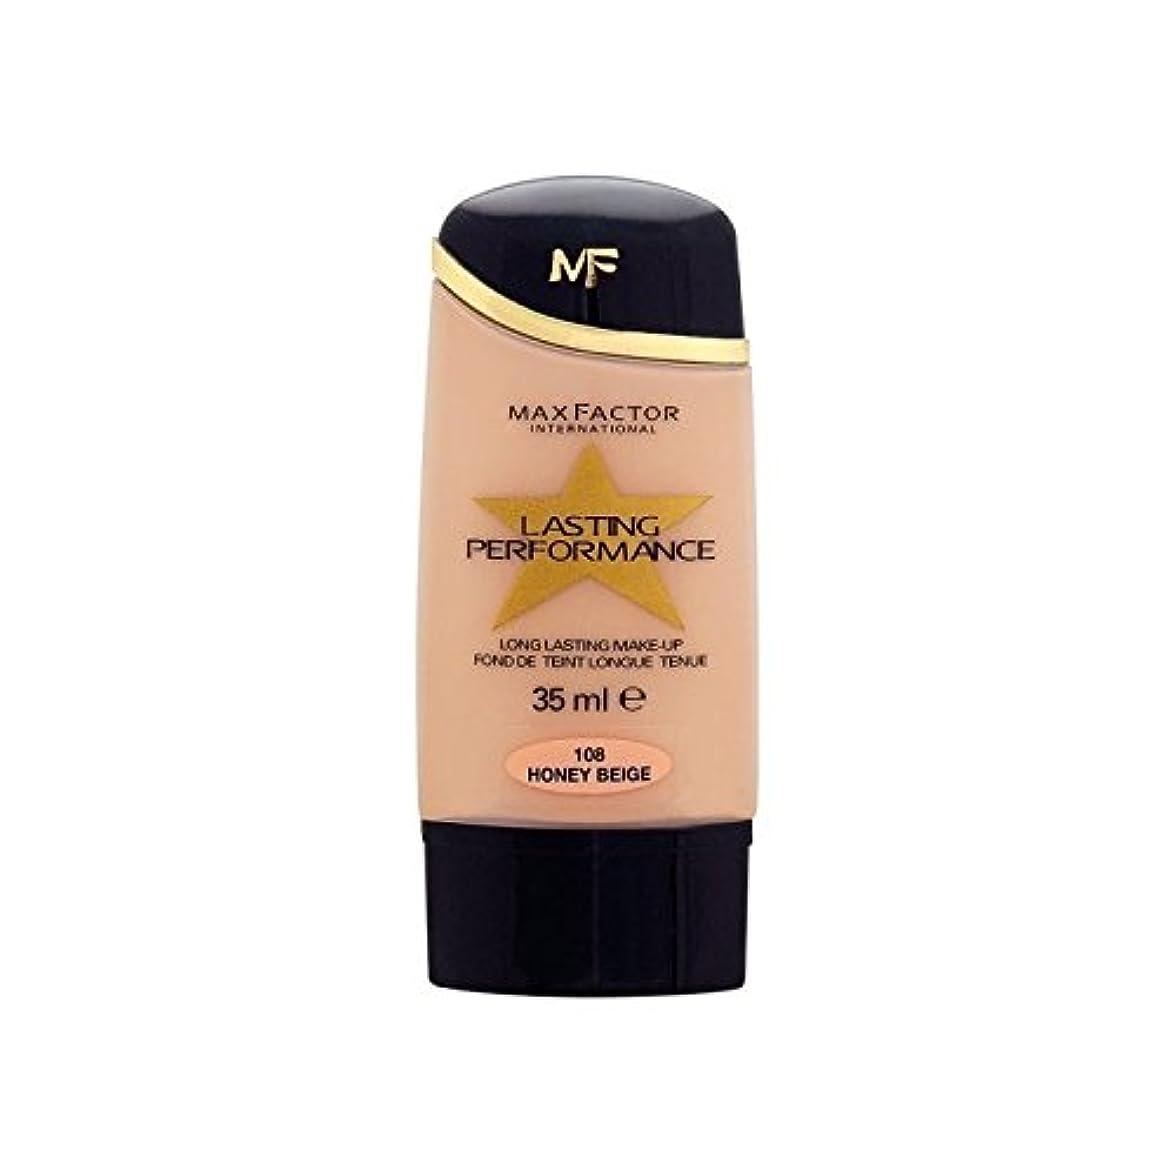 靴使役ラッチMax Factor Lasting Performance Foundation Honey Beige 108 (Pack of 6) - マックスファクター持続パフォーマンスの基礎ハニーベージュ108 x6 [並行輸入品]